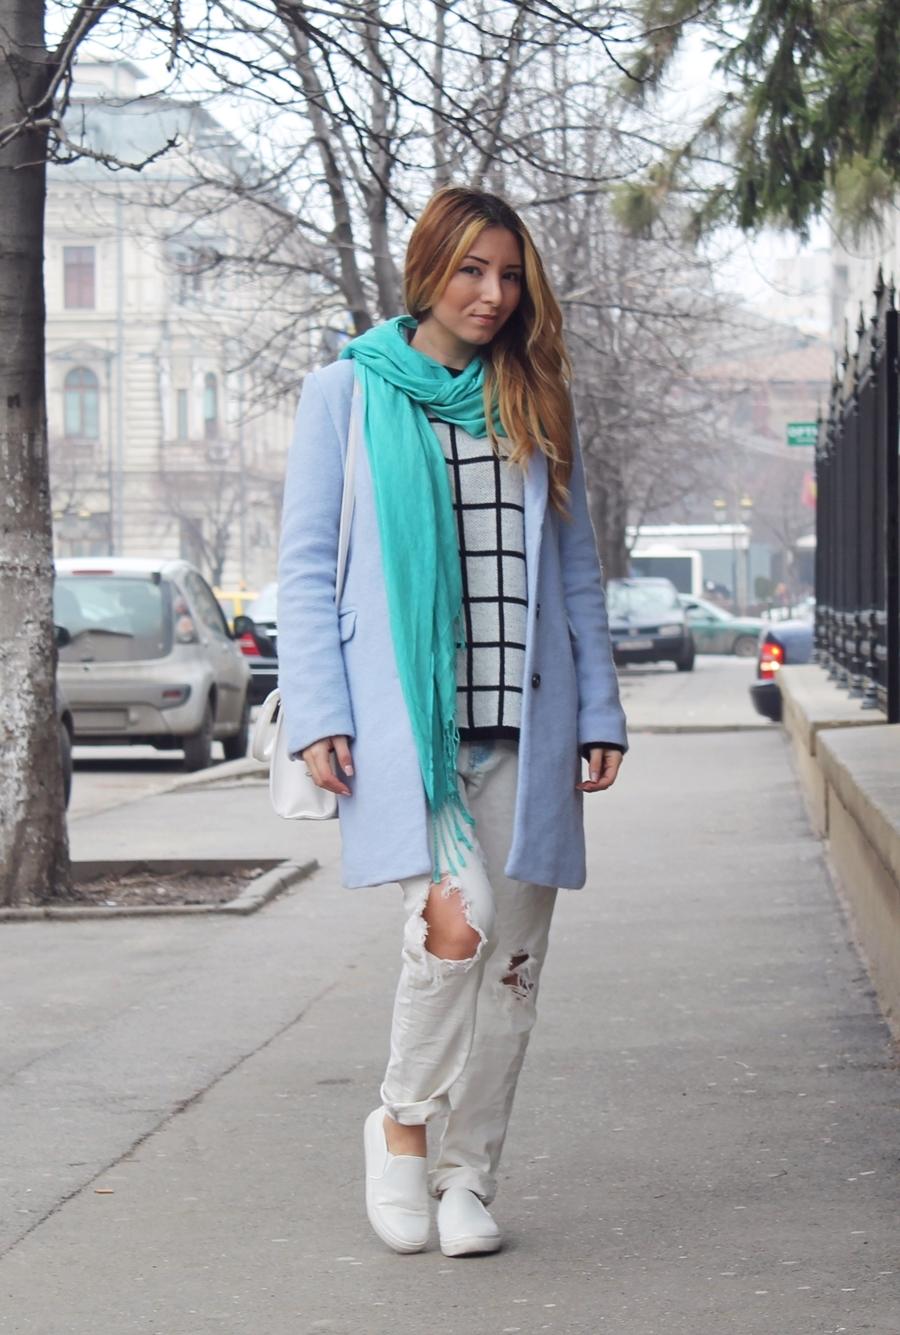 Tinuta de iarna, primavara, blugi rupti, pulover carouri, palton pastelat, esarfa turcoaz